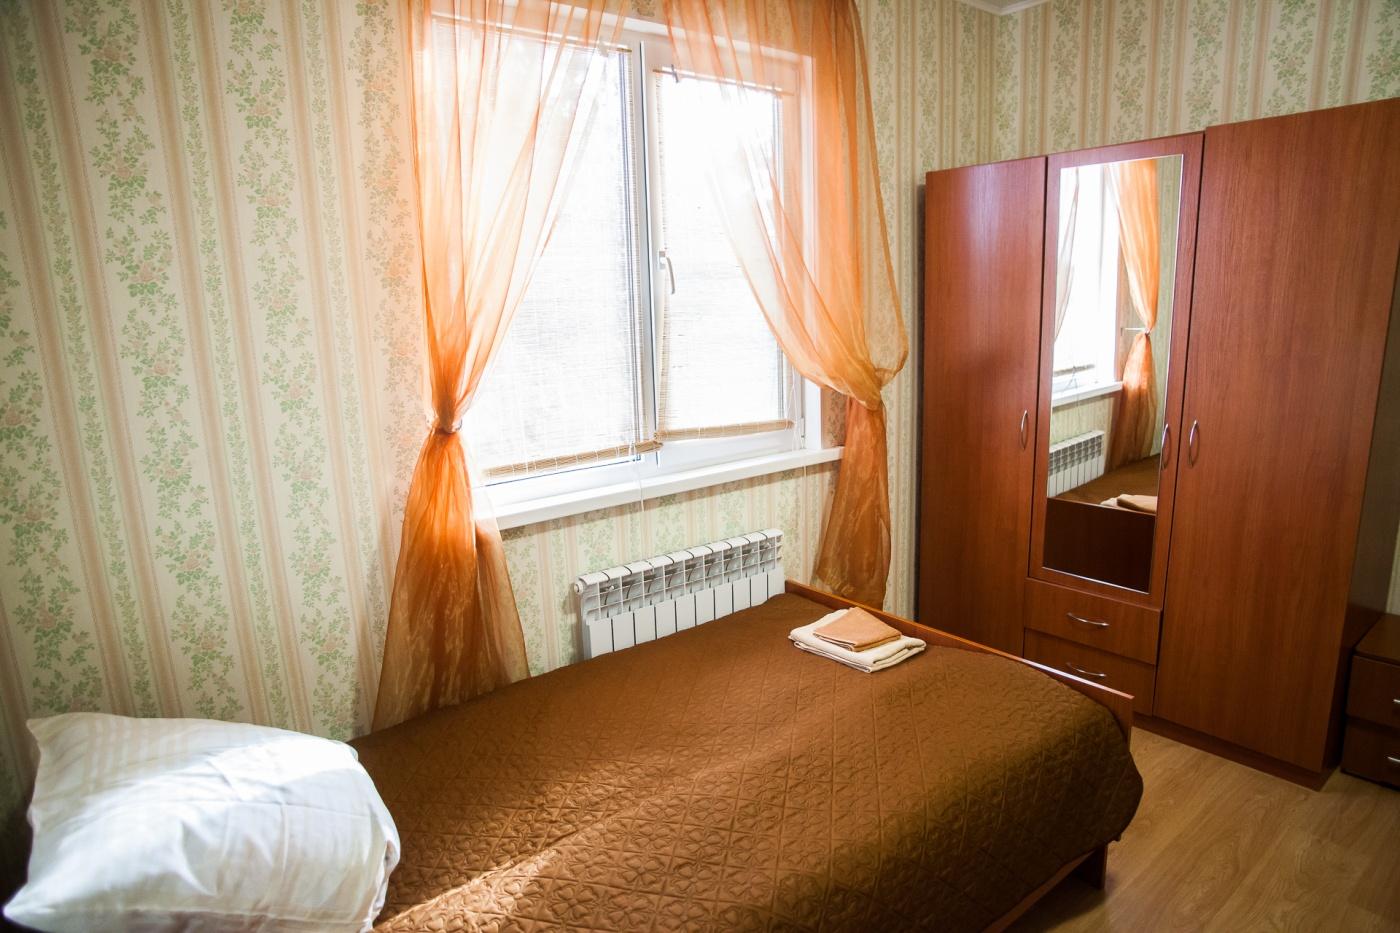 База отдыха «Наша Фазенда» Астраханская область Дом у реки «Семейный», фото 3